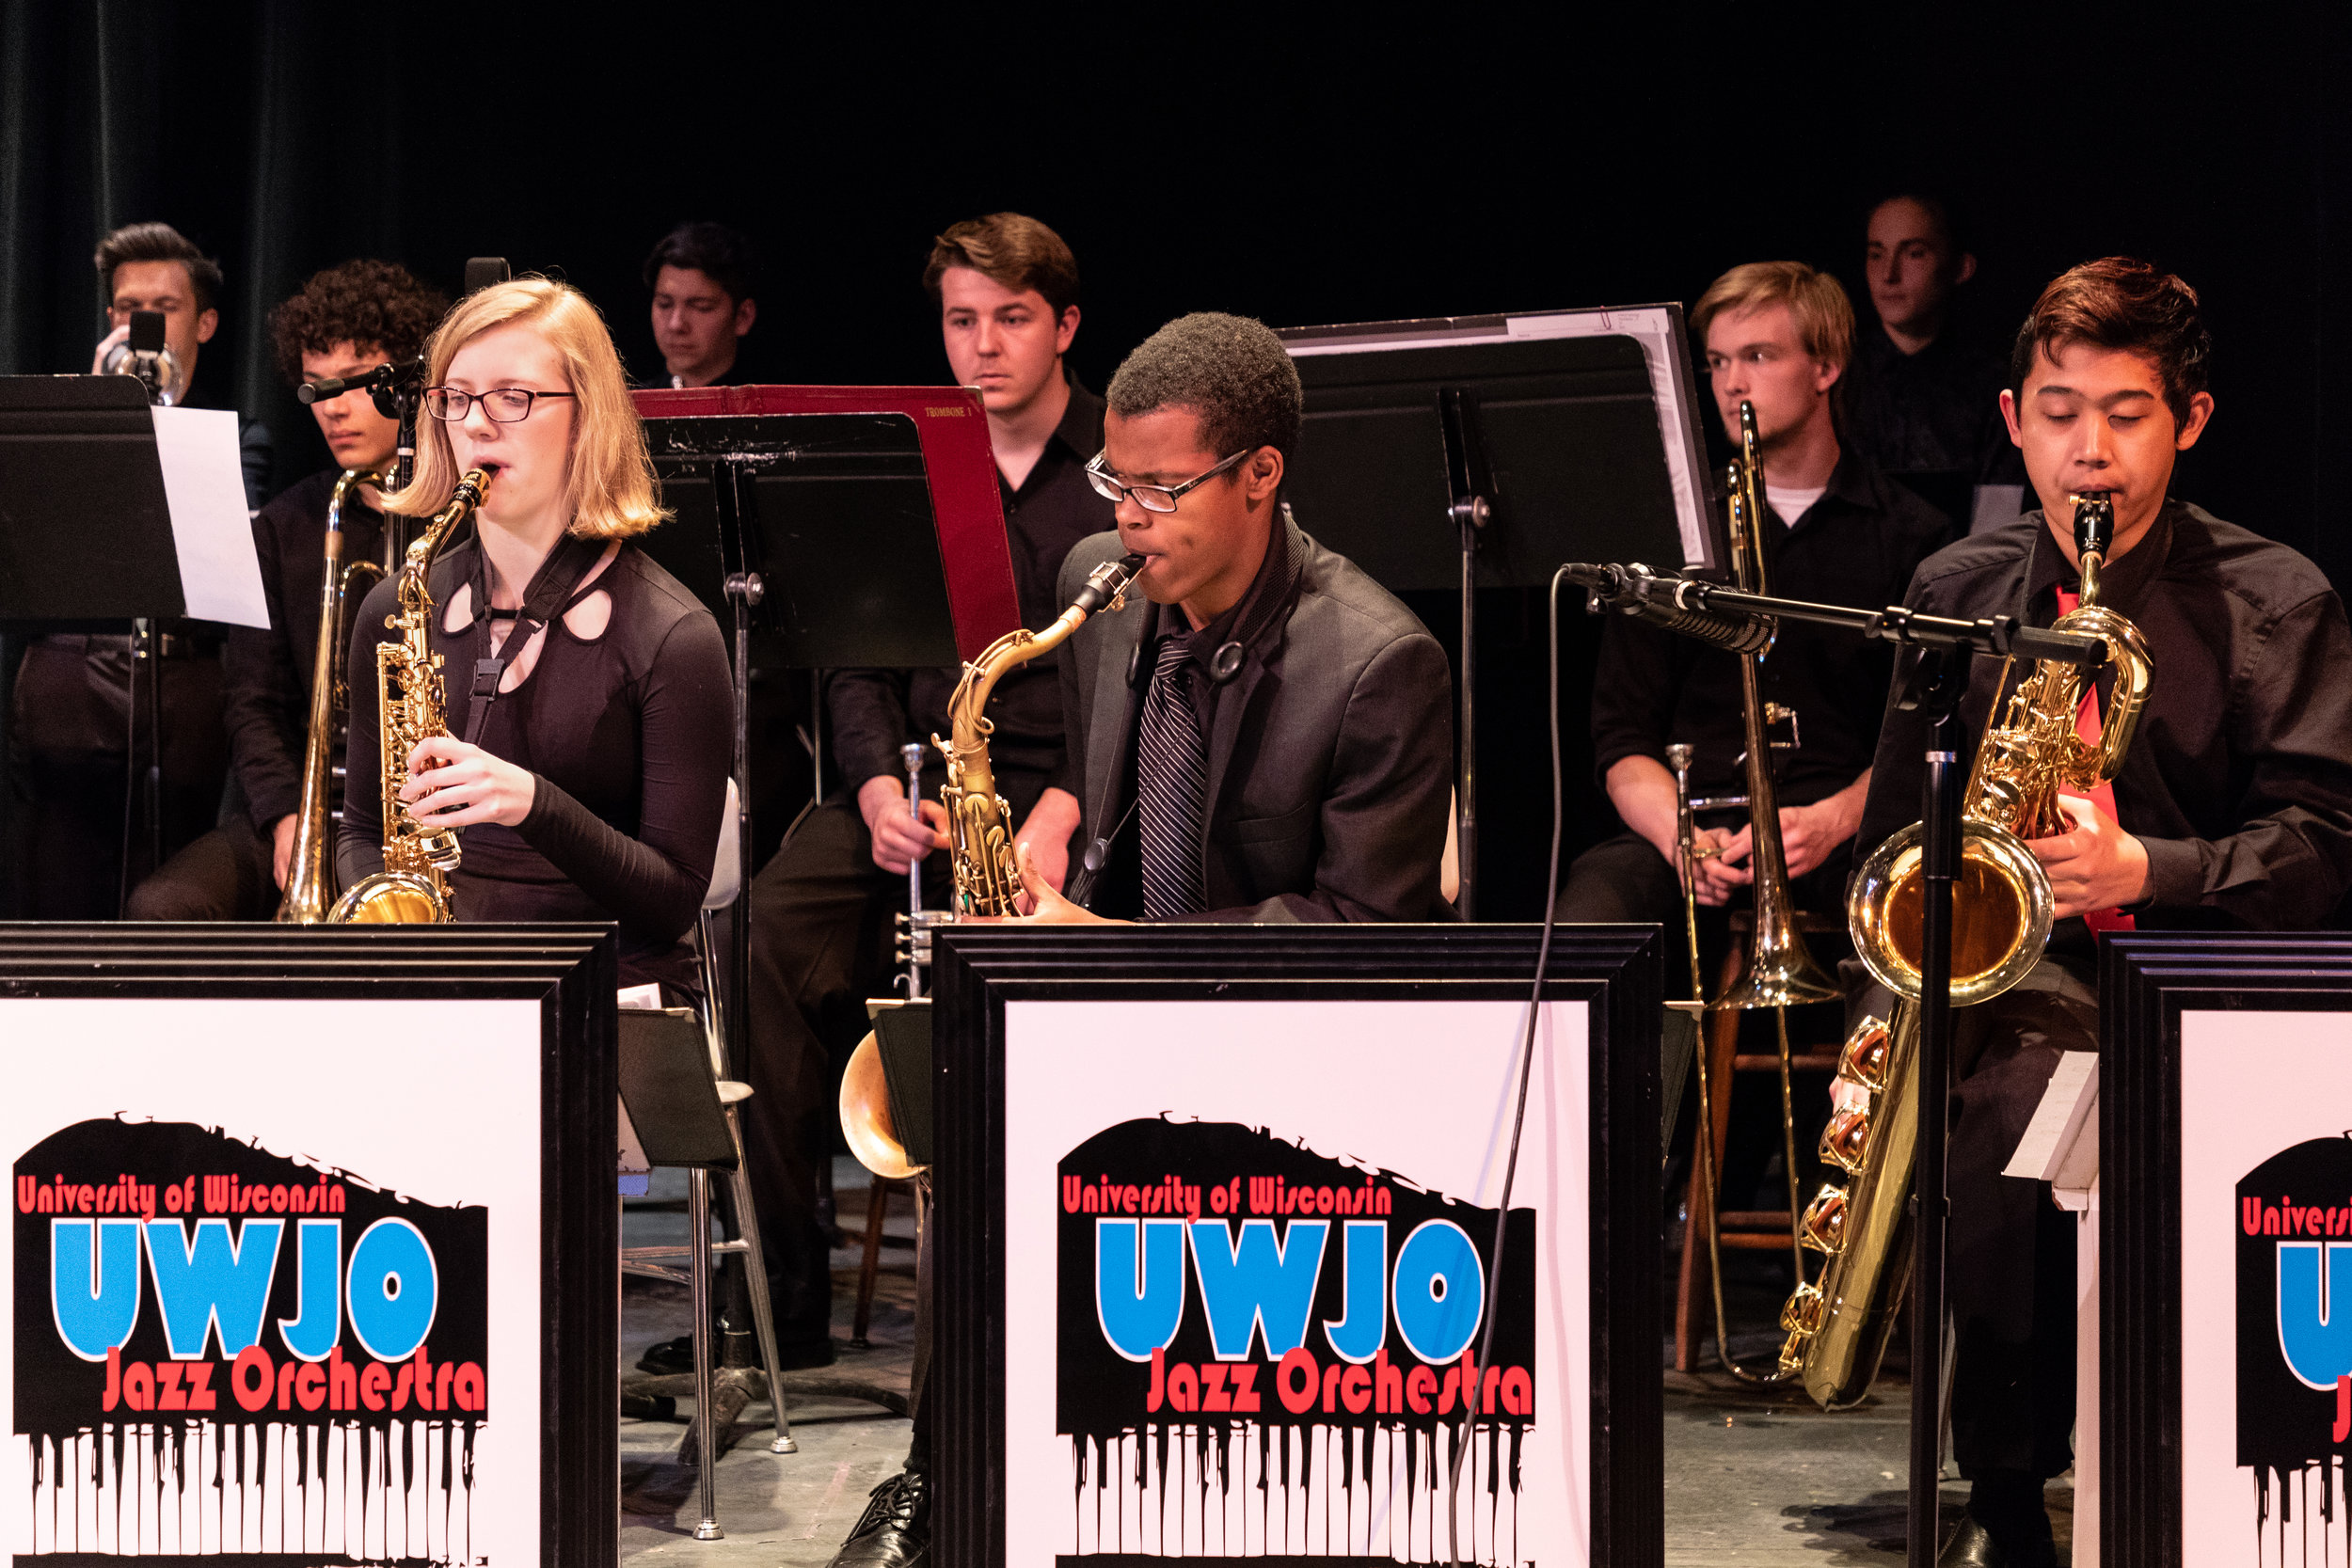 uwmusic-jazzhonorsband-042718-9467.jpg